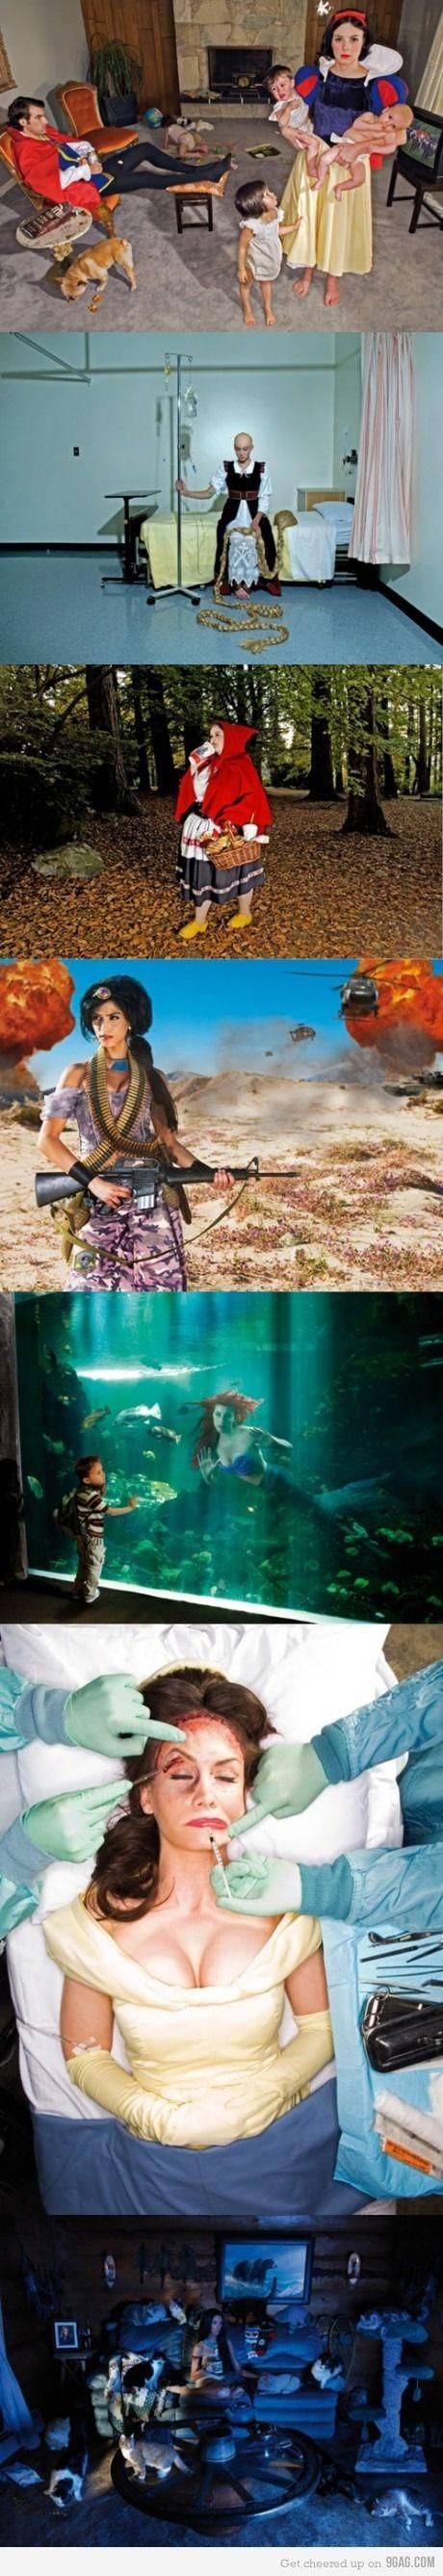 *Modern Day Disney!* LoL!*